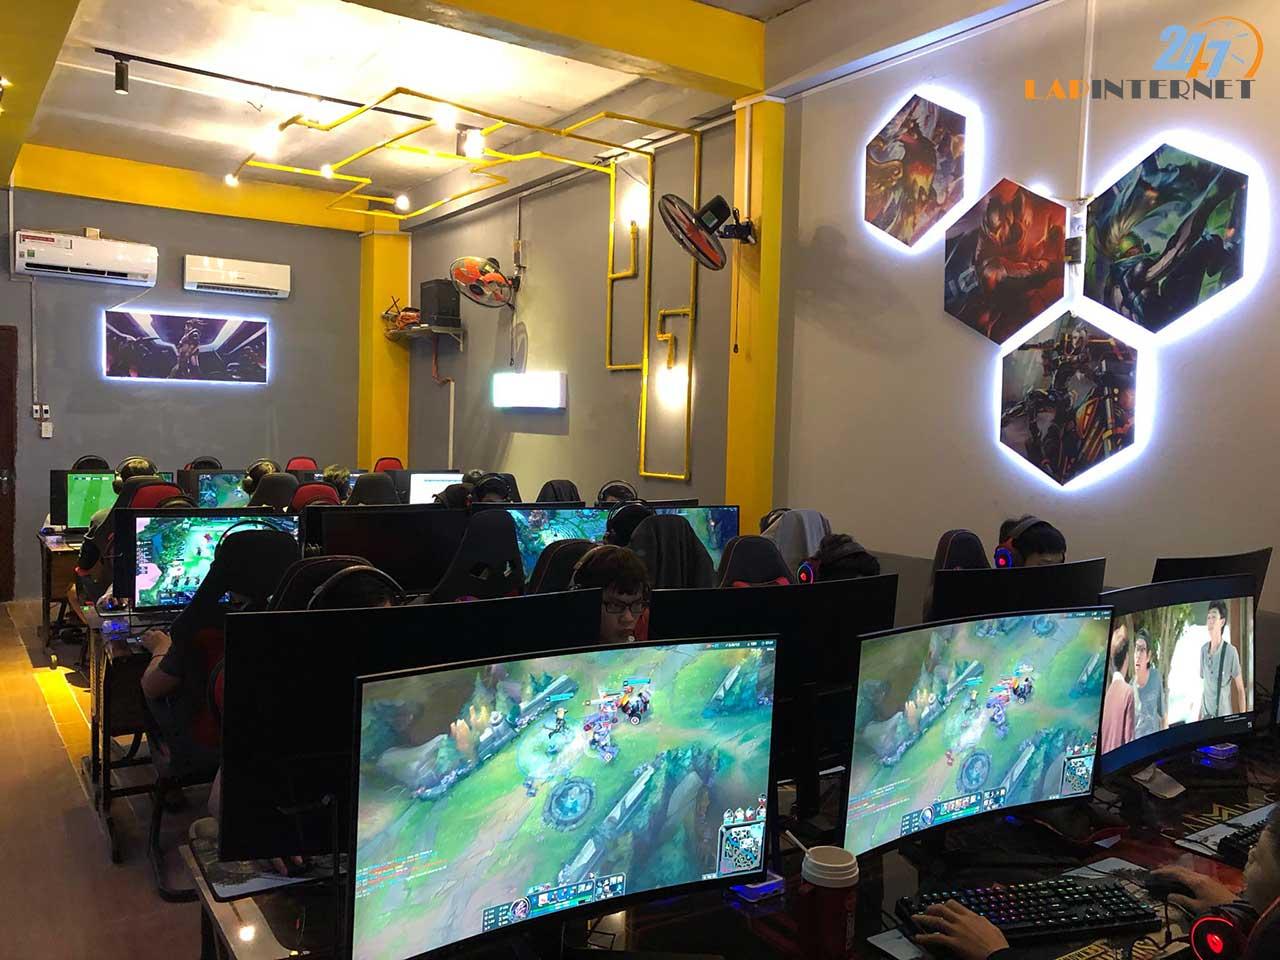 lap-dat-phong-net-tai-da-nang-lapinternet247.com-11